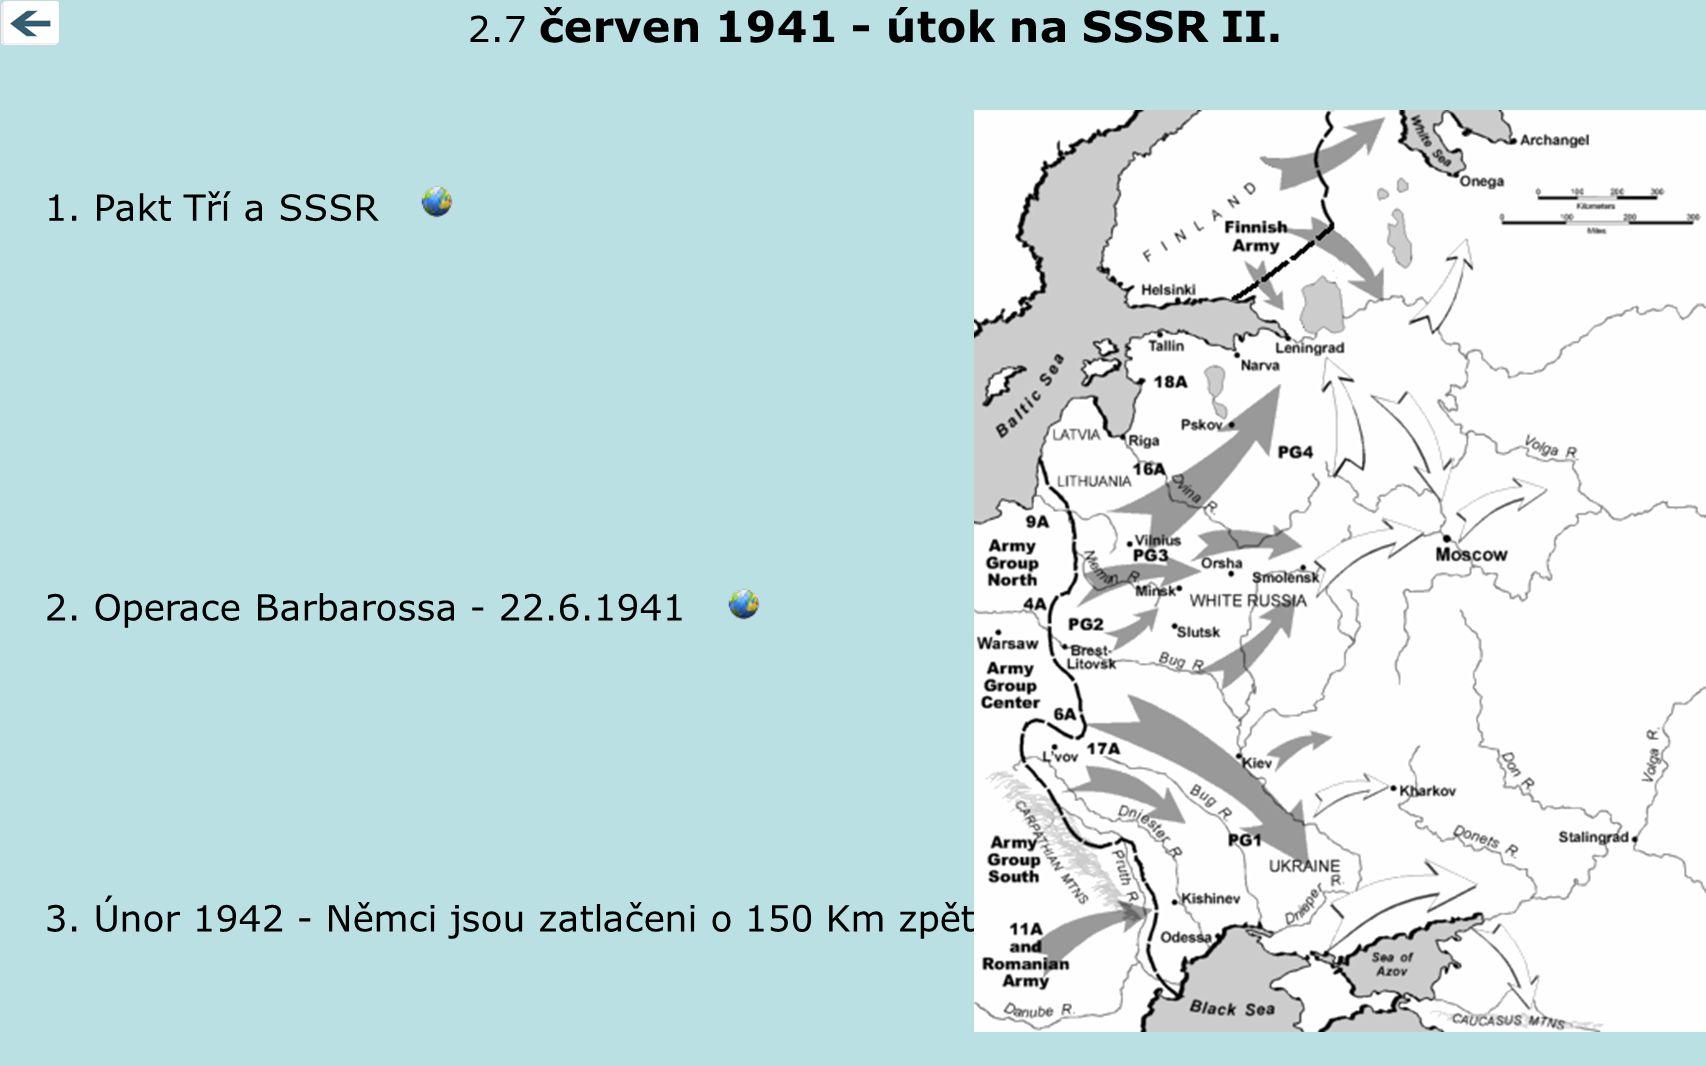 2.7 červen 1941 - útok na SSSR II. 1. Pakt Tří a SSSR.